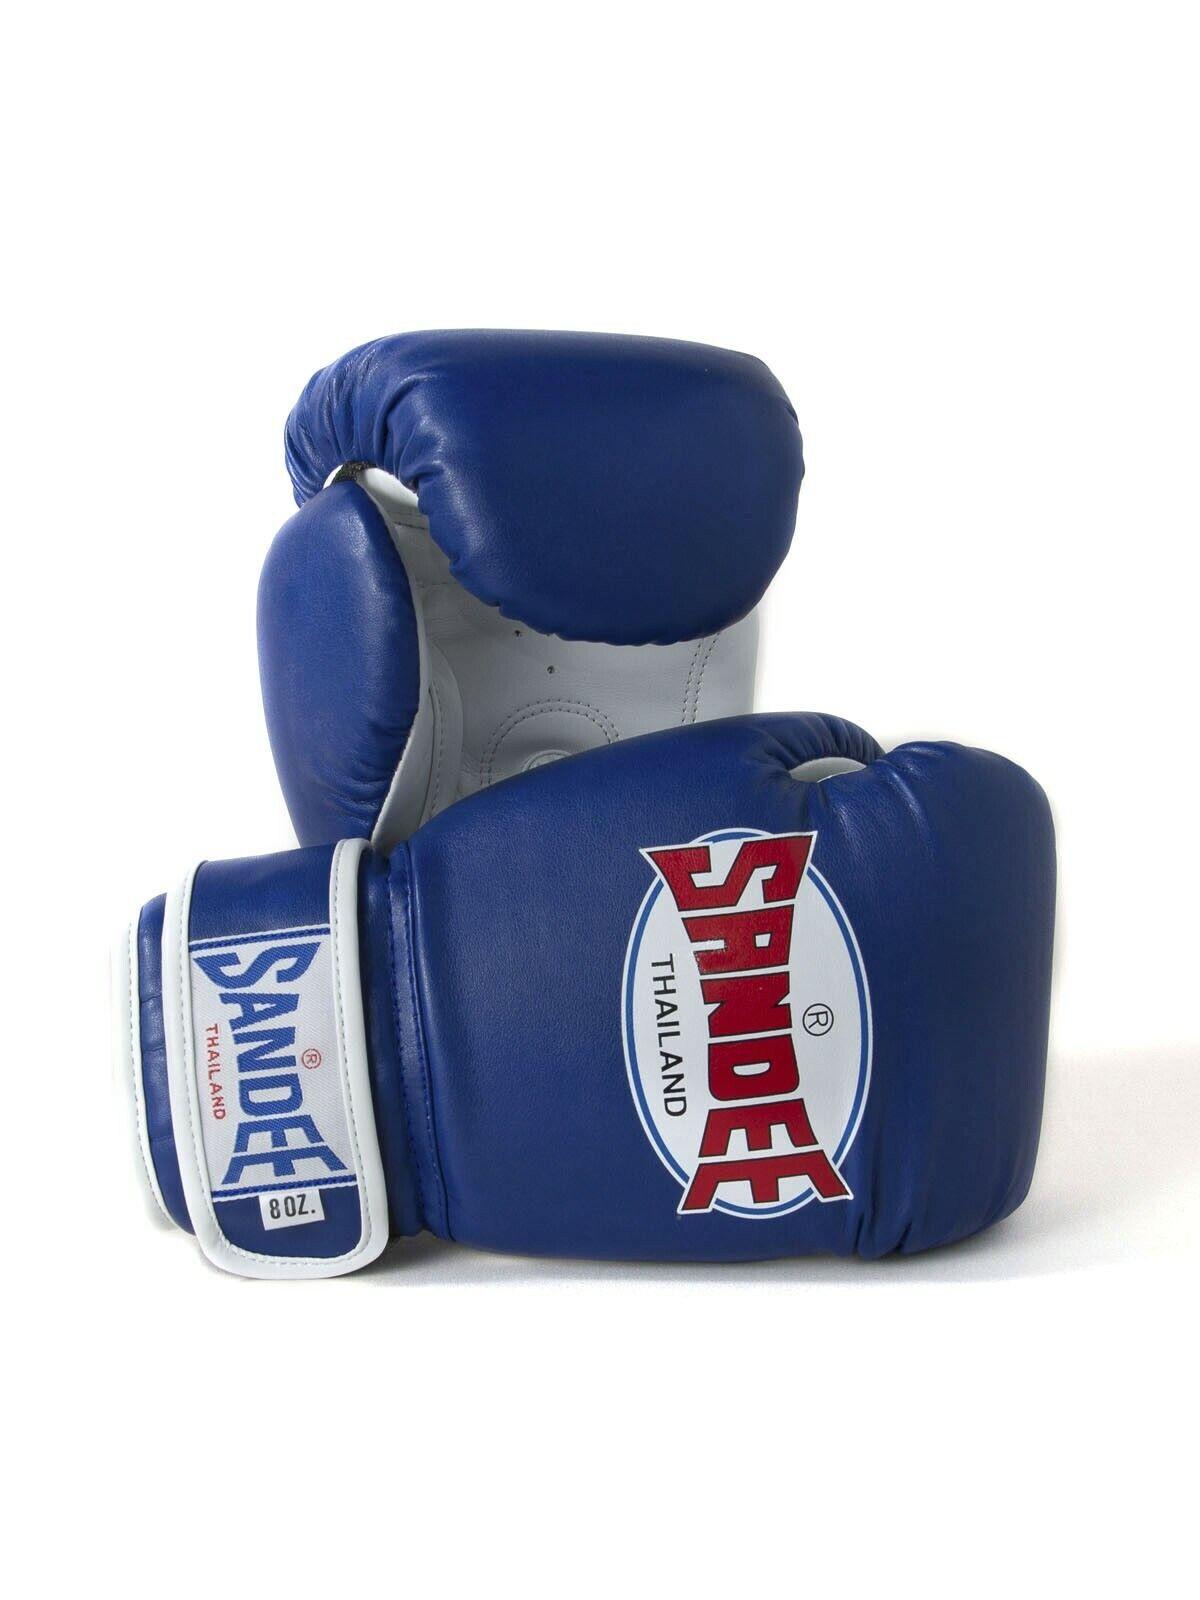 GUANTONI DA BOXE MUAY THAI KICK BOXING MMA IN GUANTO Perfessionali PROMOZIONI